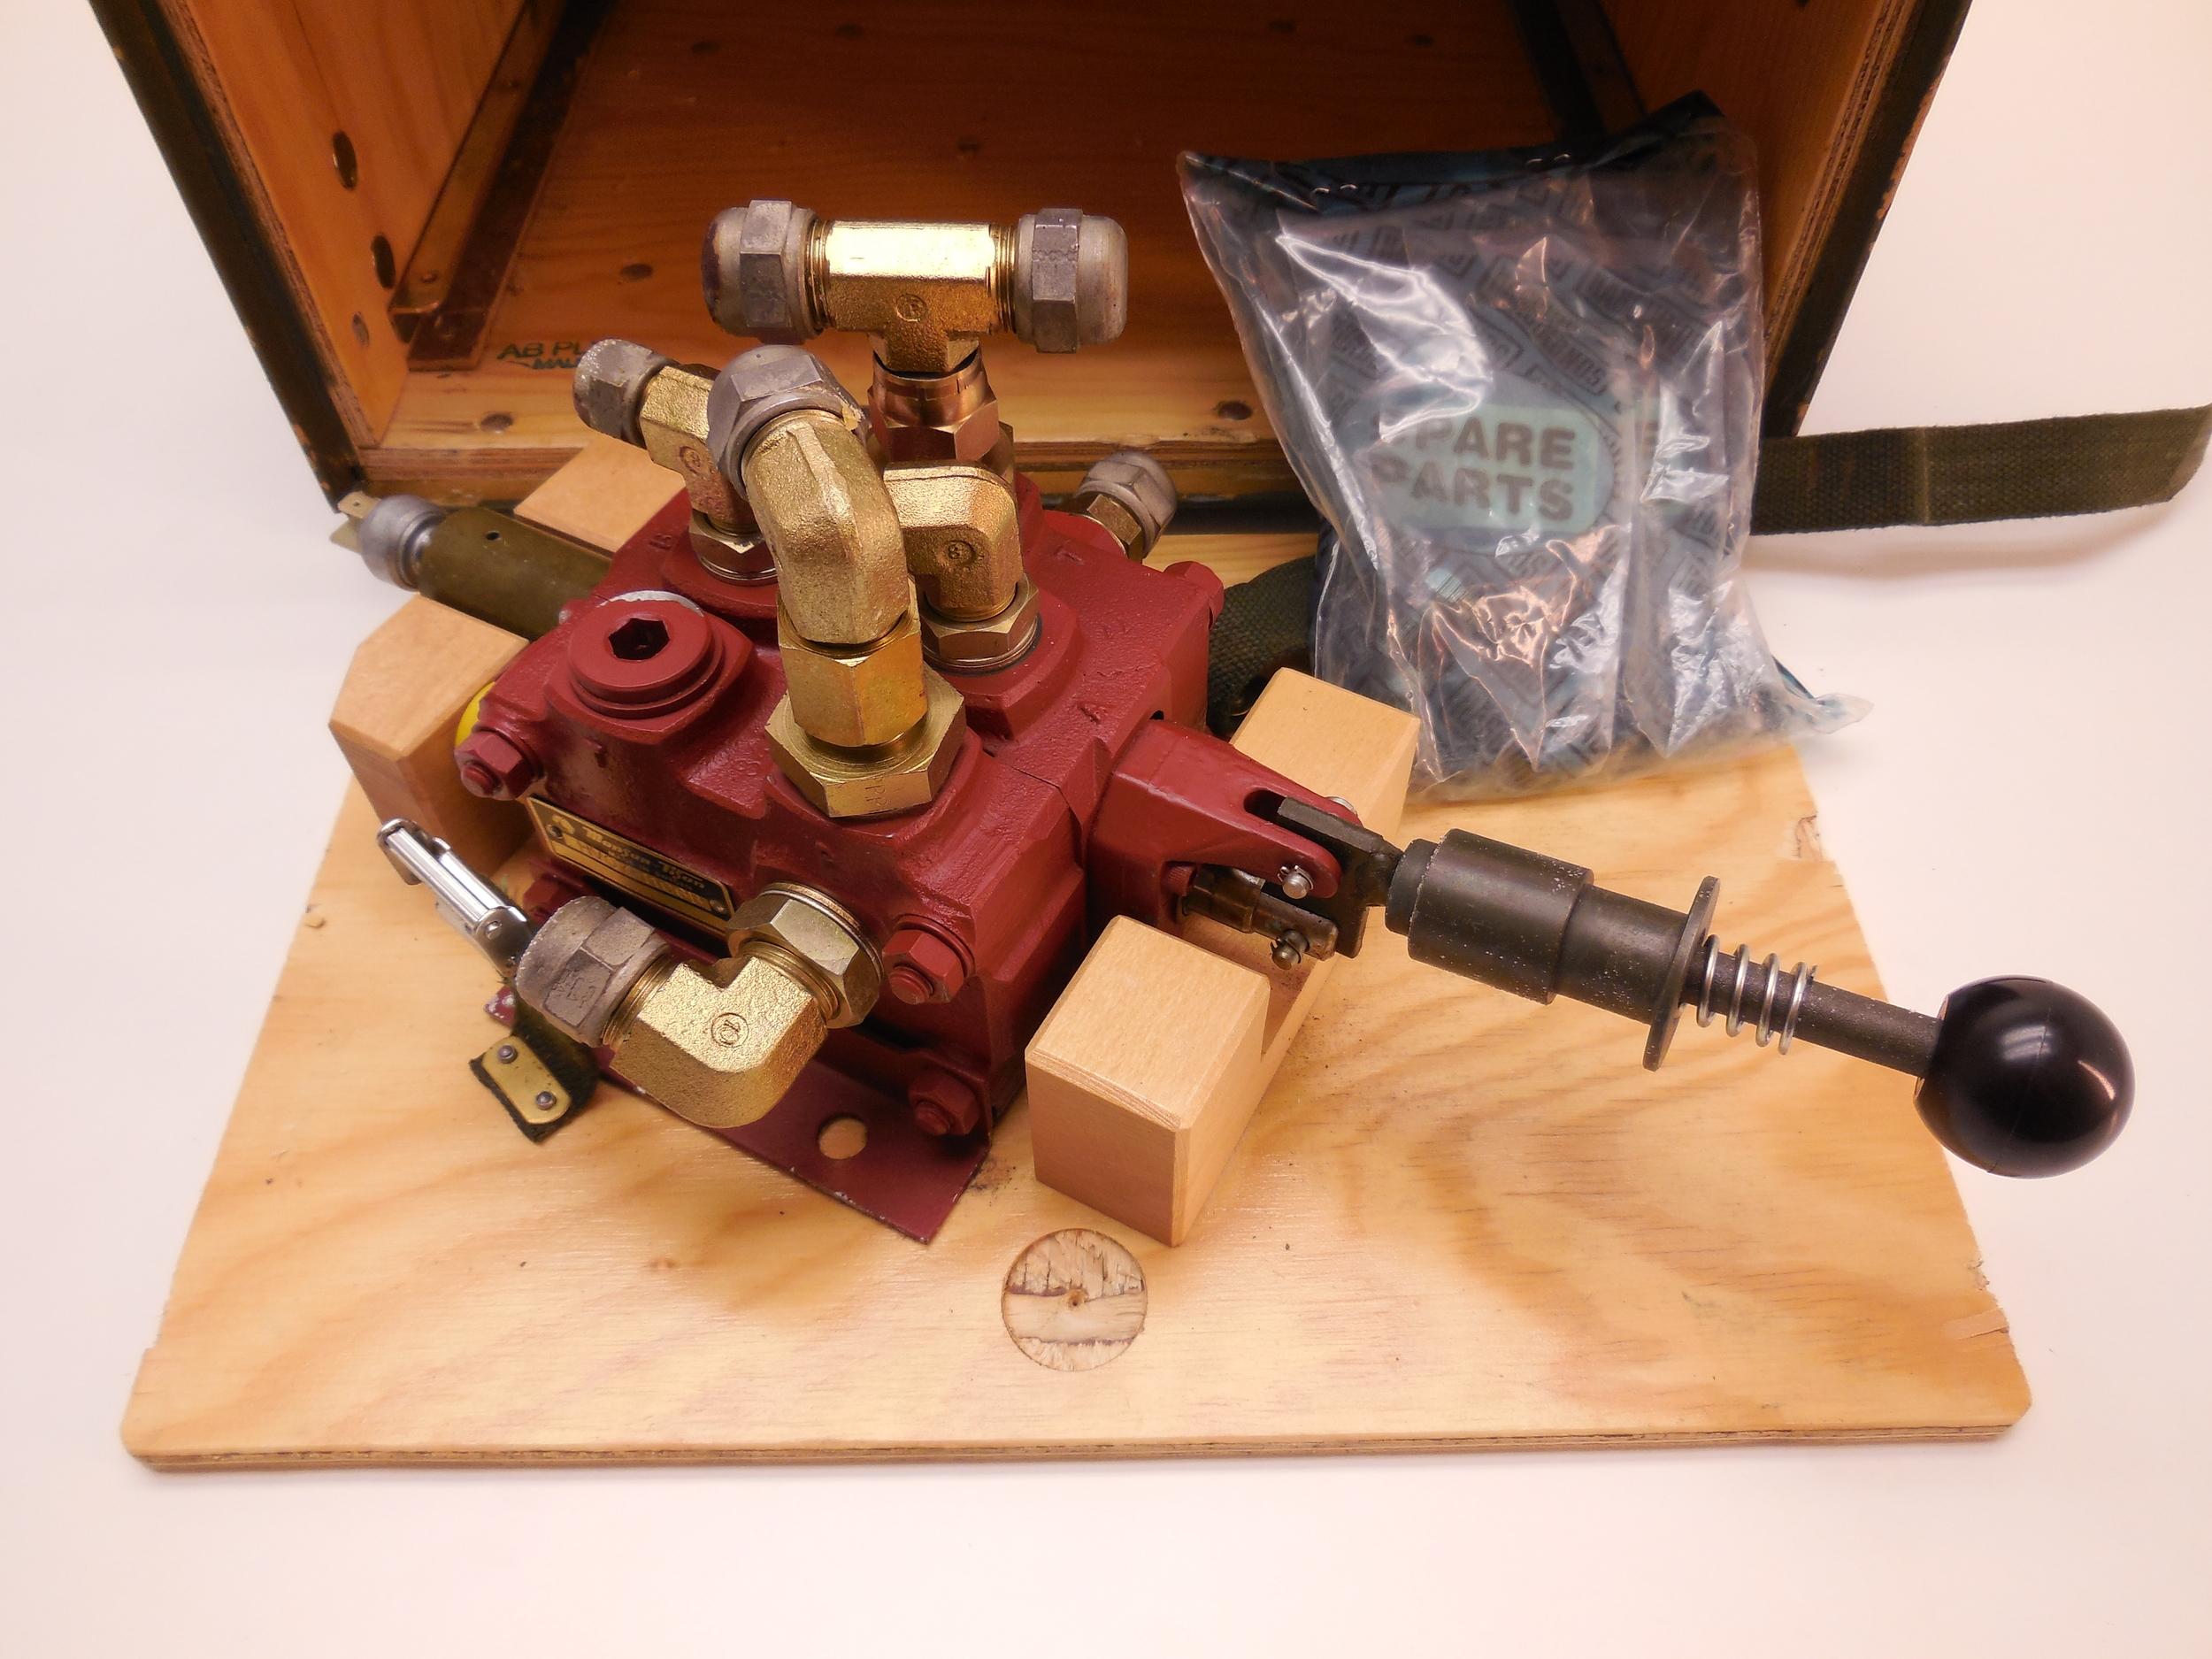 Directional valve Häggo Nr: 353 6501-802 price: 2200 sek